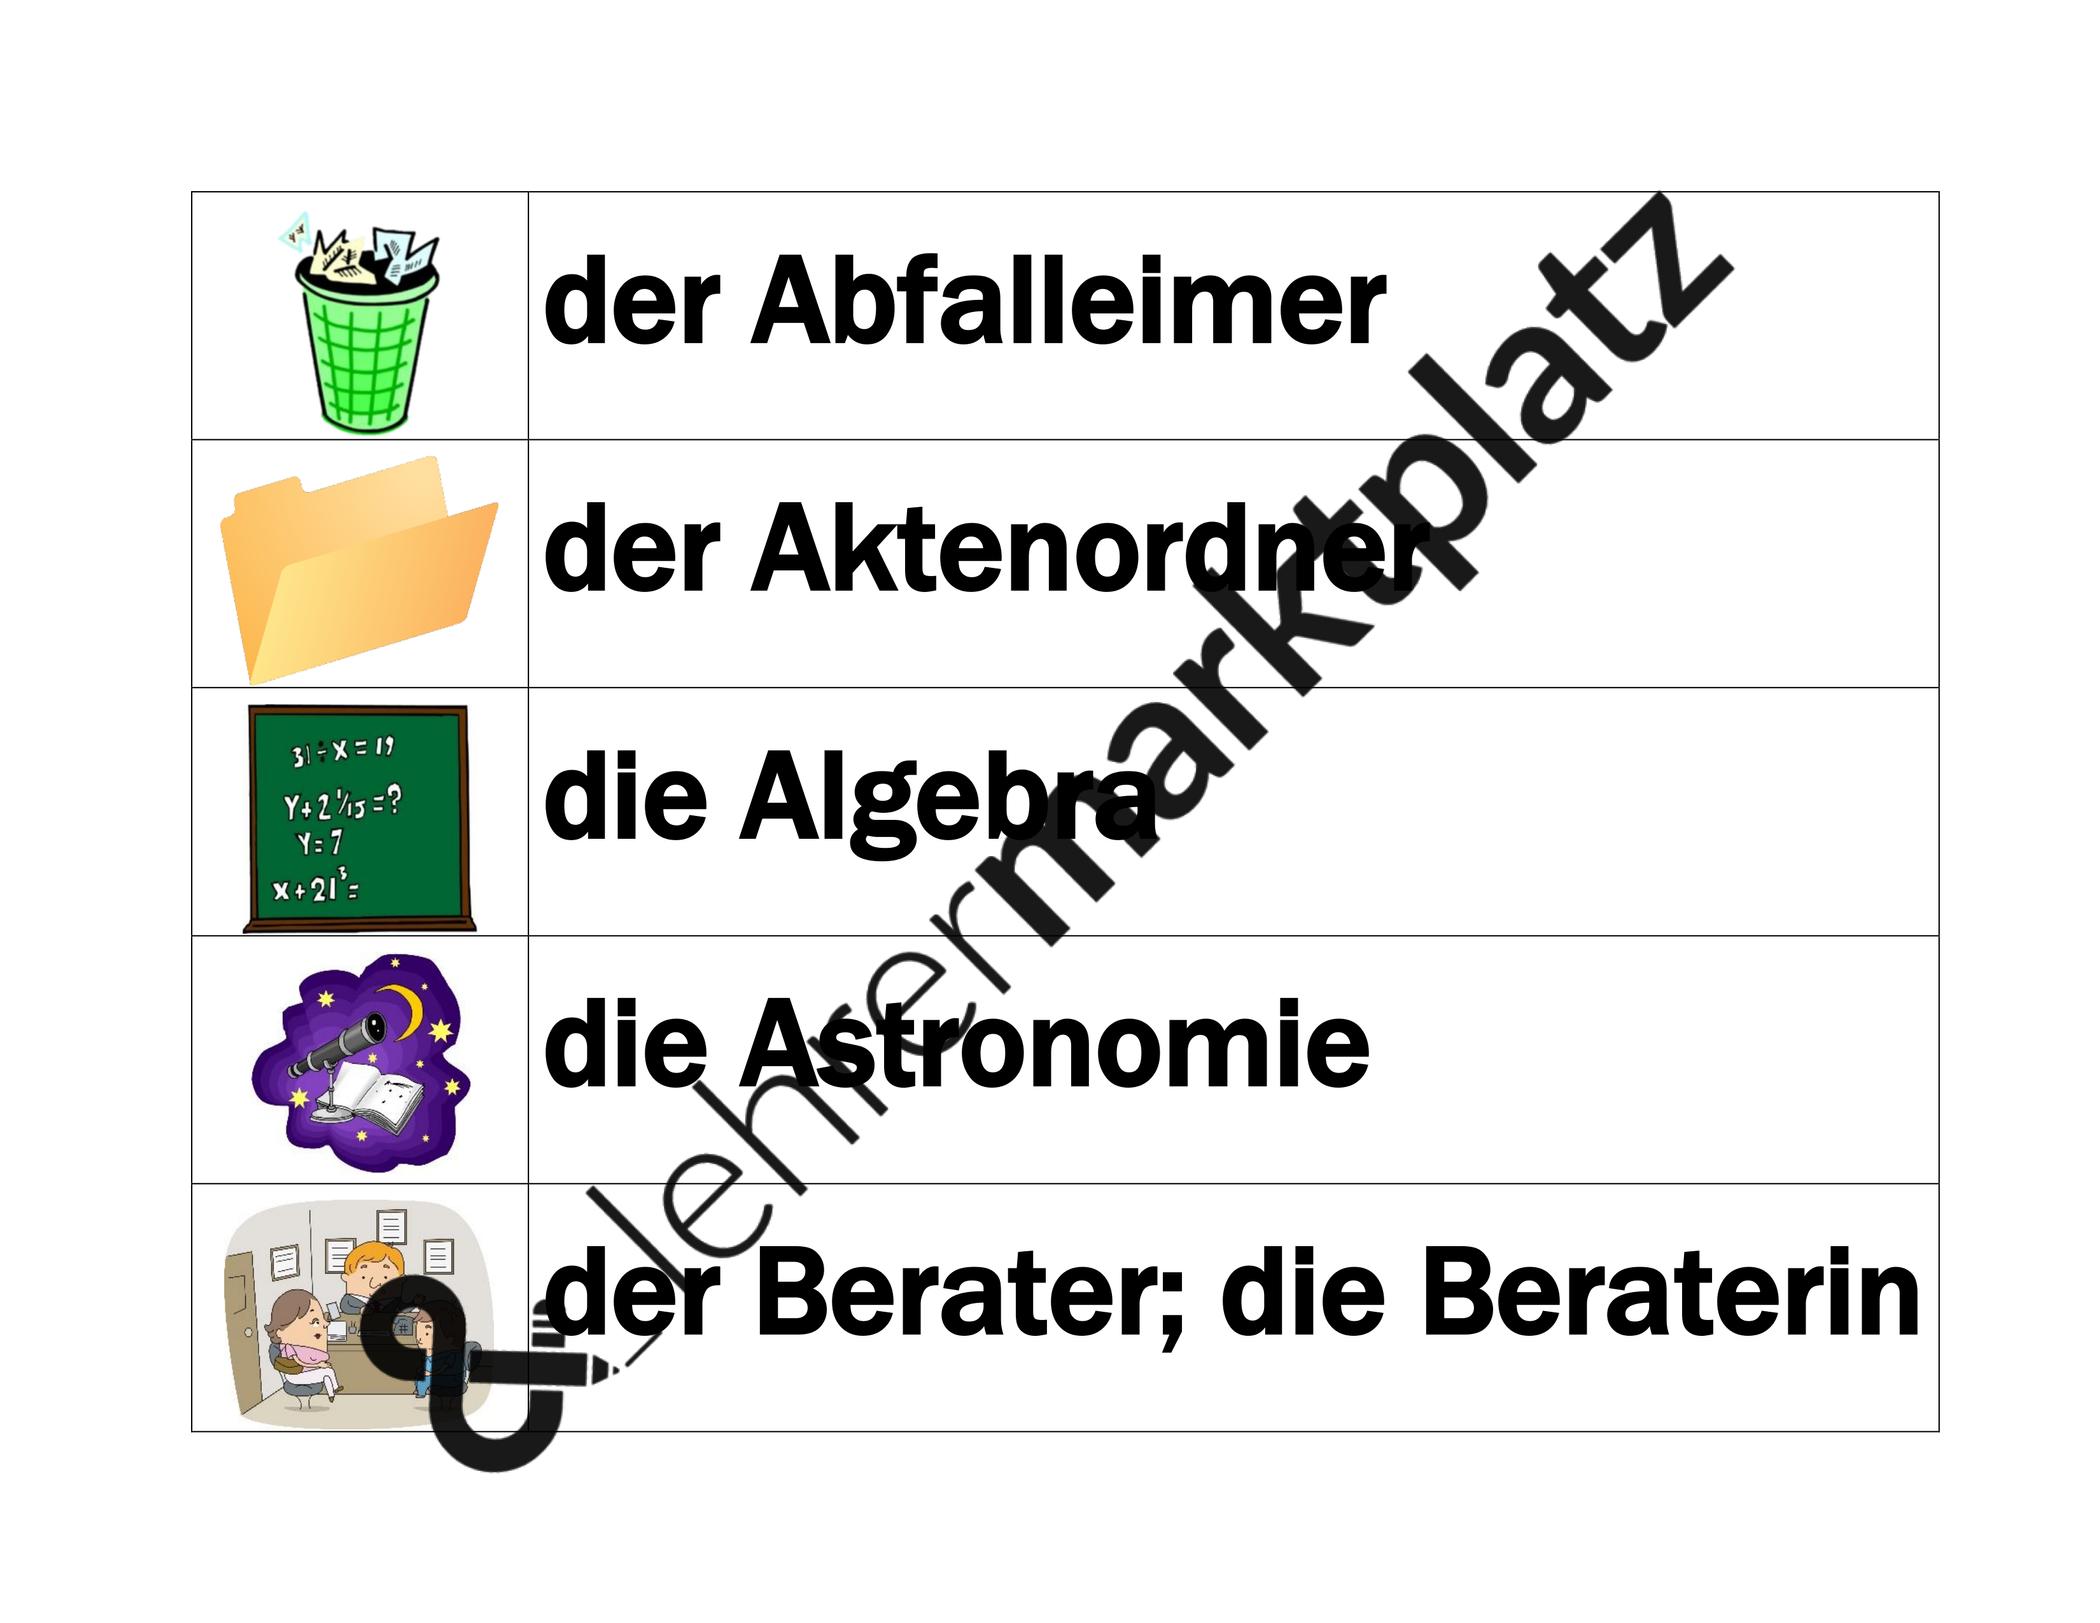 Schule Auf Deutsch Worter Wand Unterrichtsmaterial Im Fach Daz Daf In 2020 Worter Wand Deutsche Worter Worter